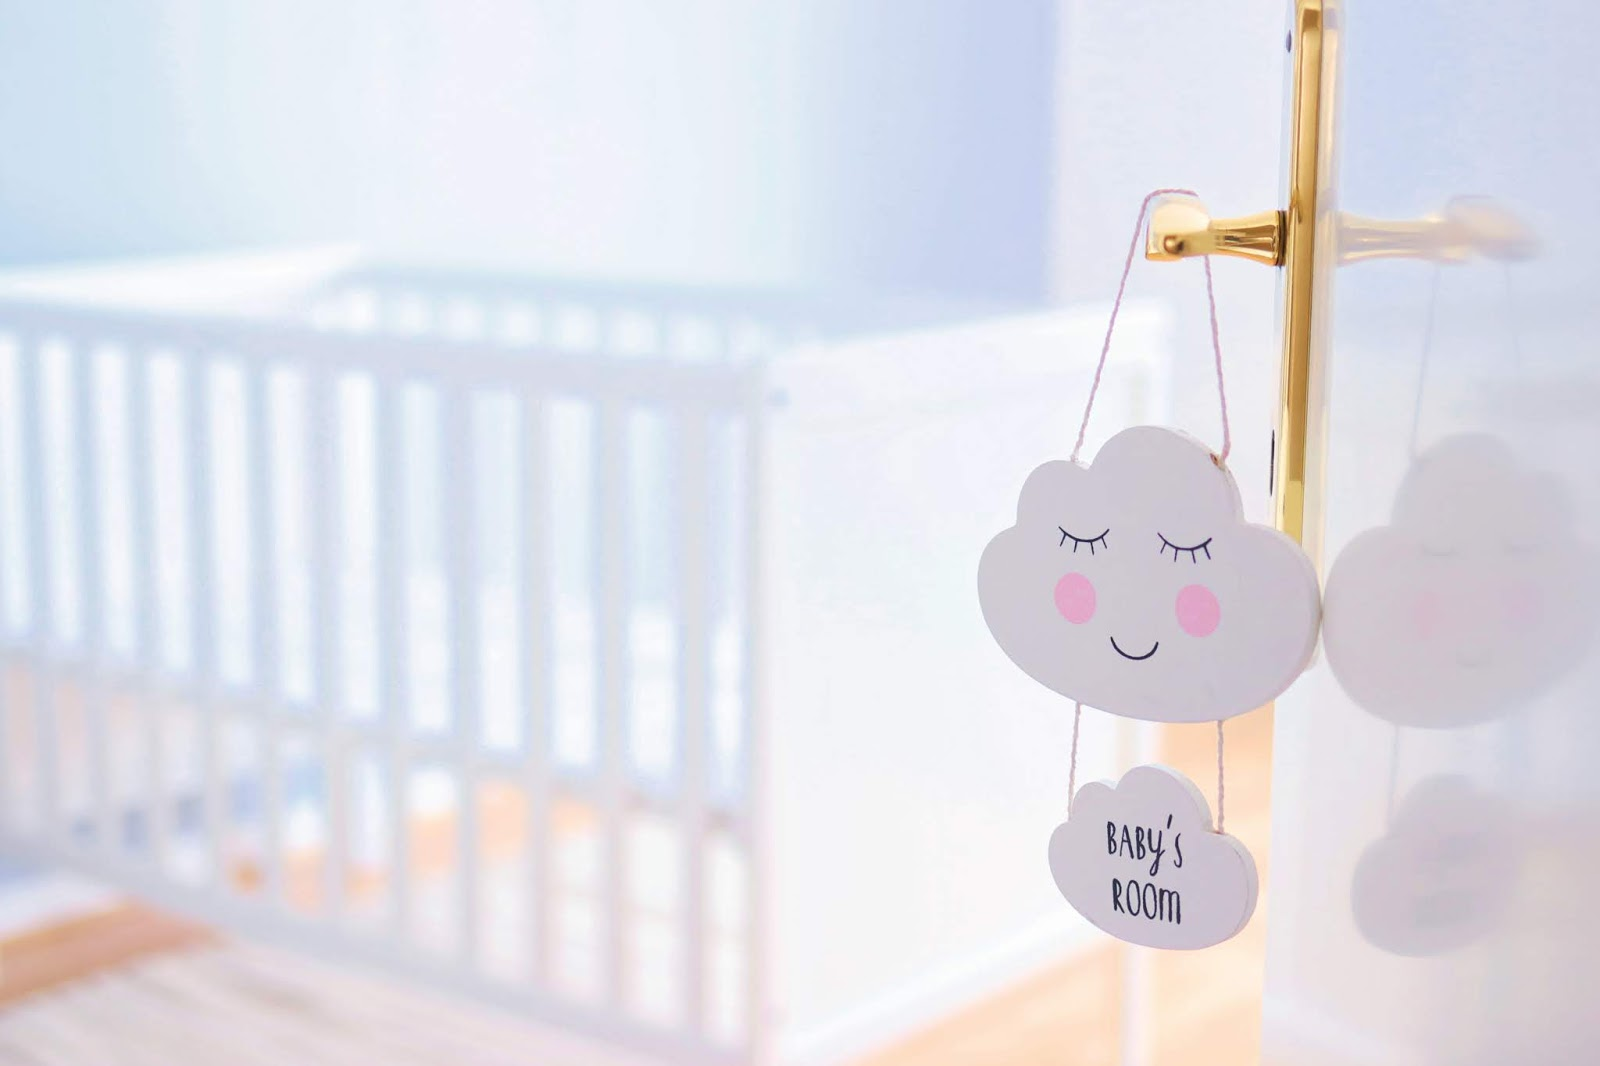 symptomes astuces comment faire expérience deuxième trimestre grossesse maternité douleurs box tiniloo abonnement